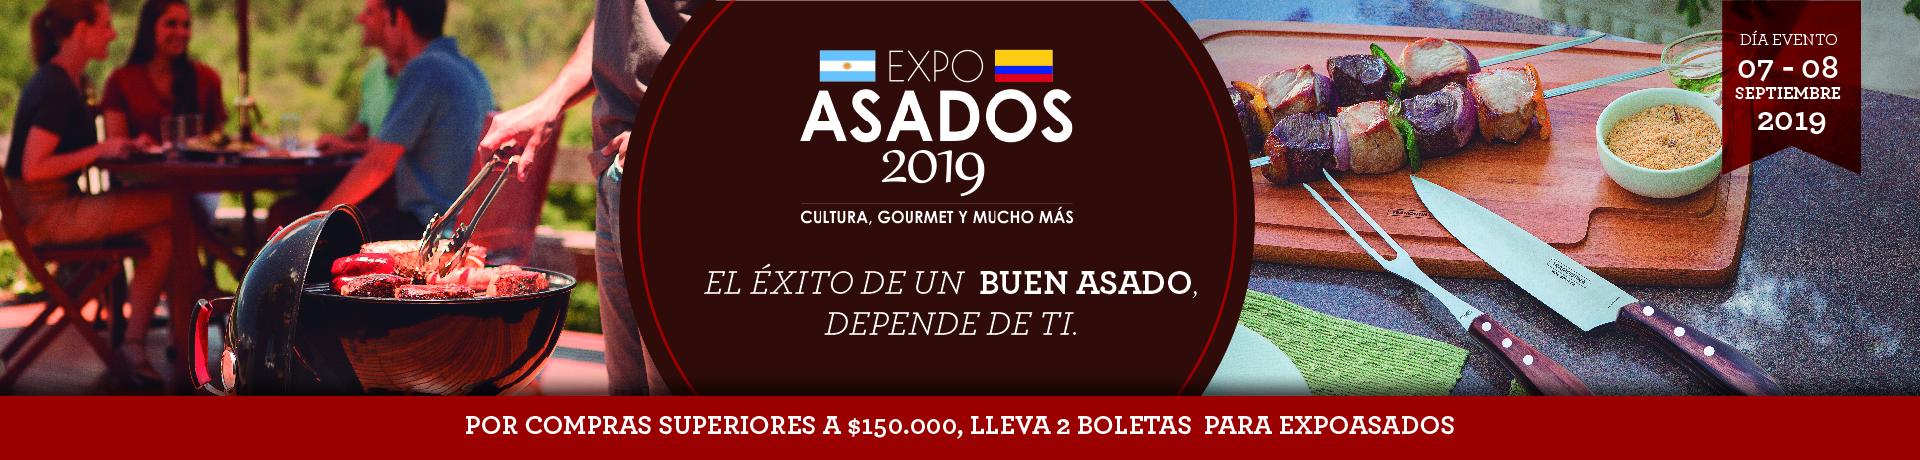 Expo Asados